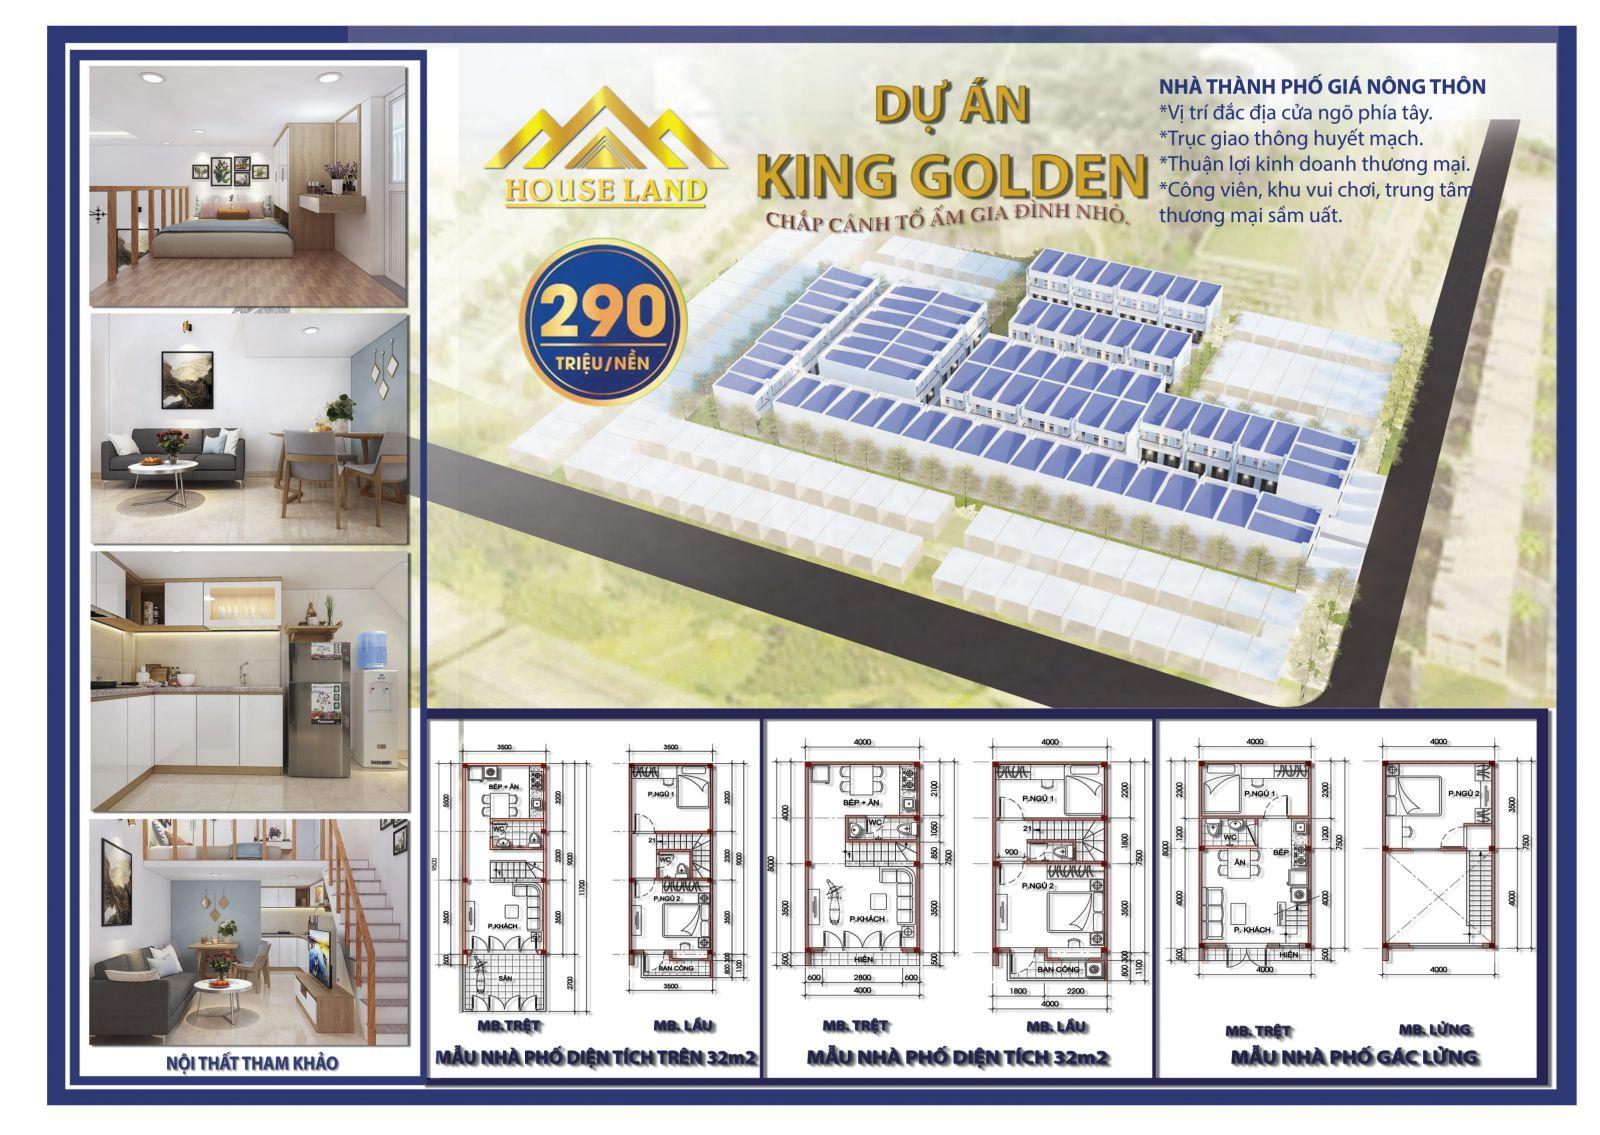 Mặt bằng phân lô tổng thể dự án đất nền & nhà phố King Golden Long An